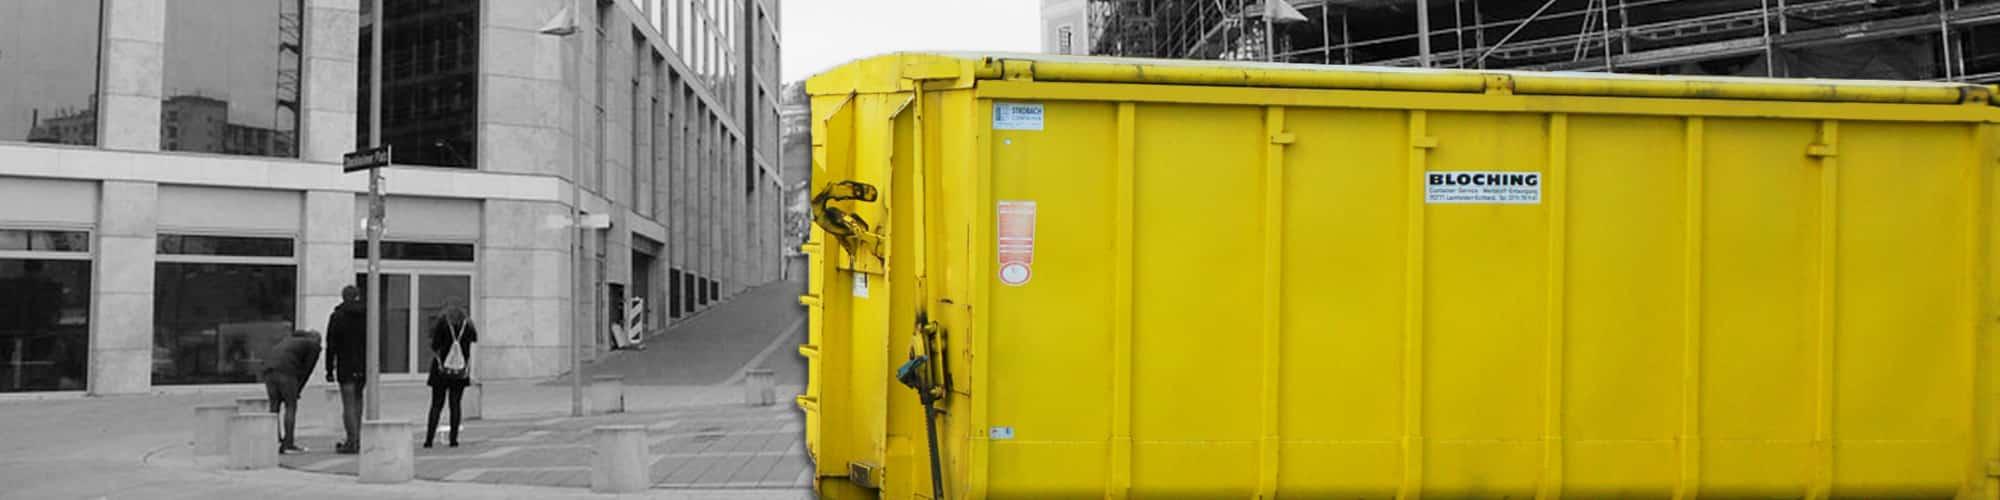 Abrollcontainer ab 10 m³ mieten - BLOCHING - Ihr Containerservice für den Großraum Stuttgart